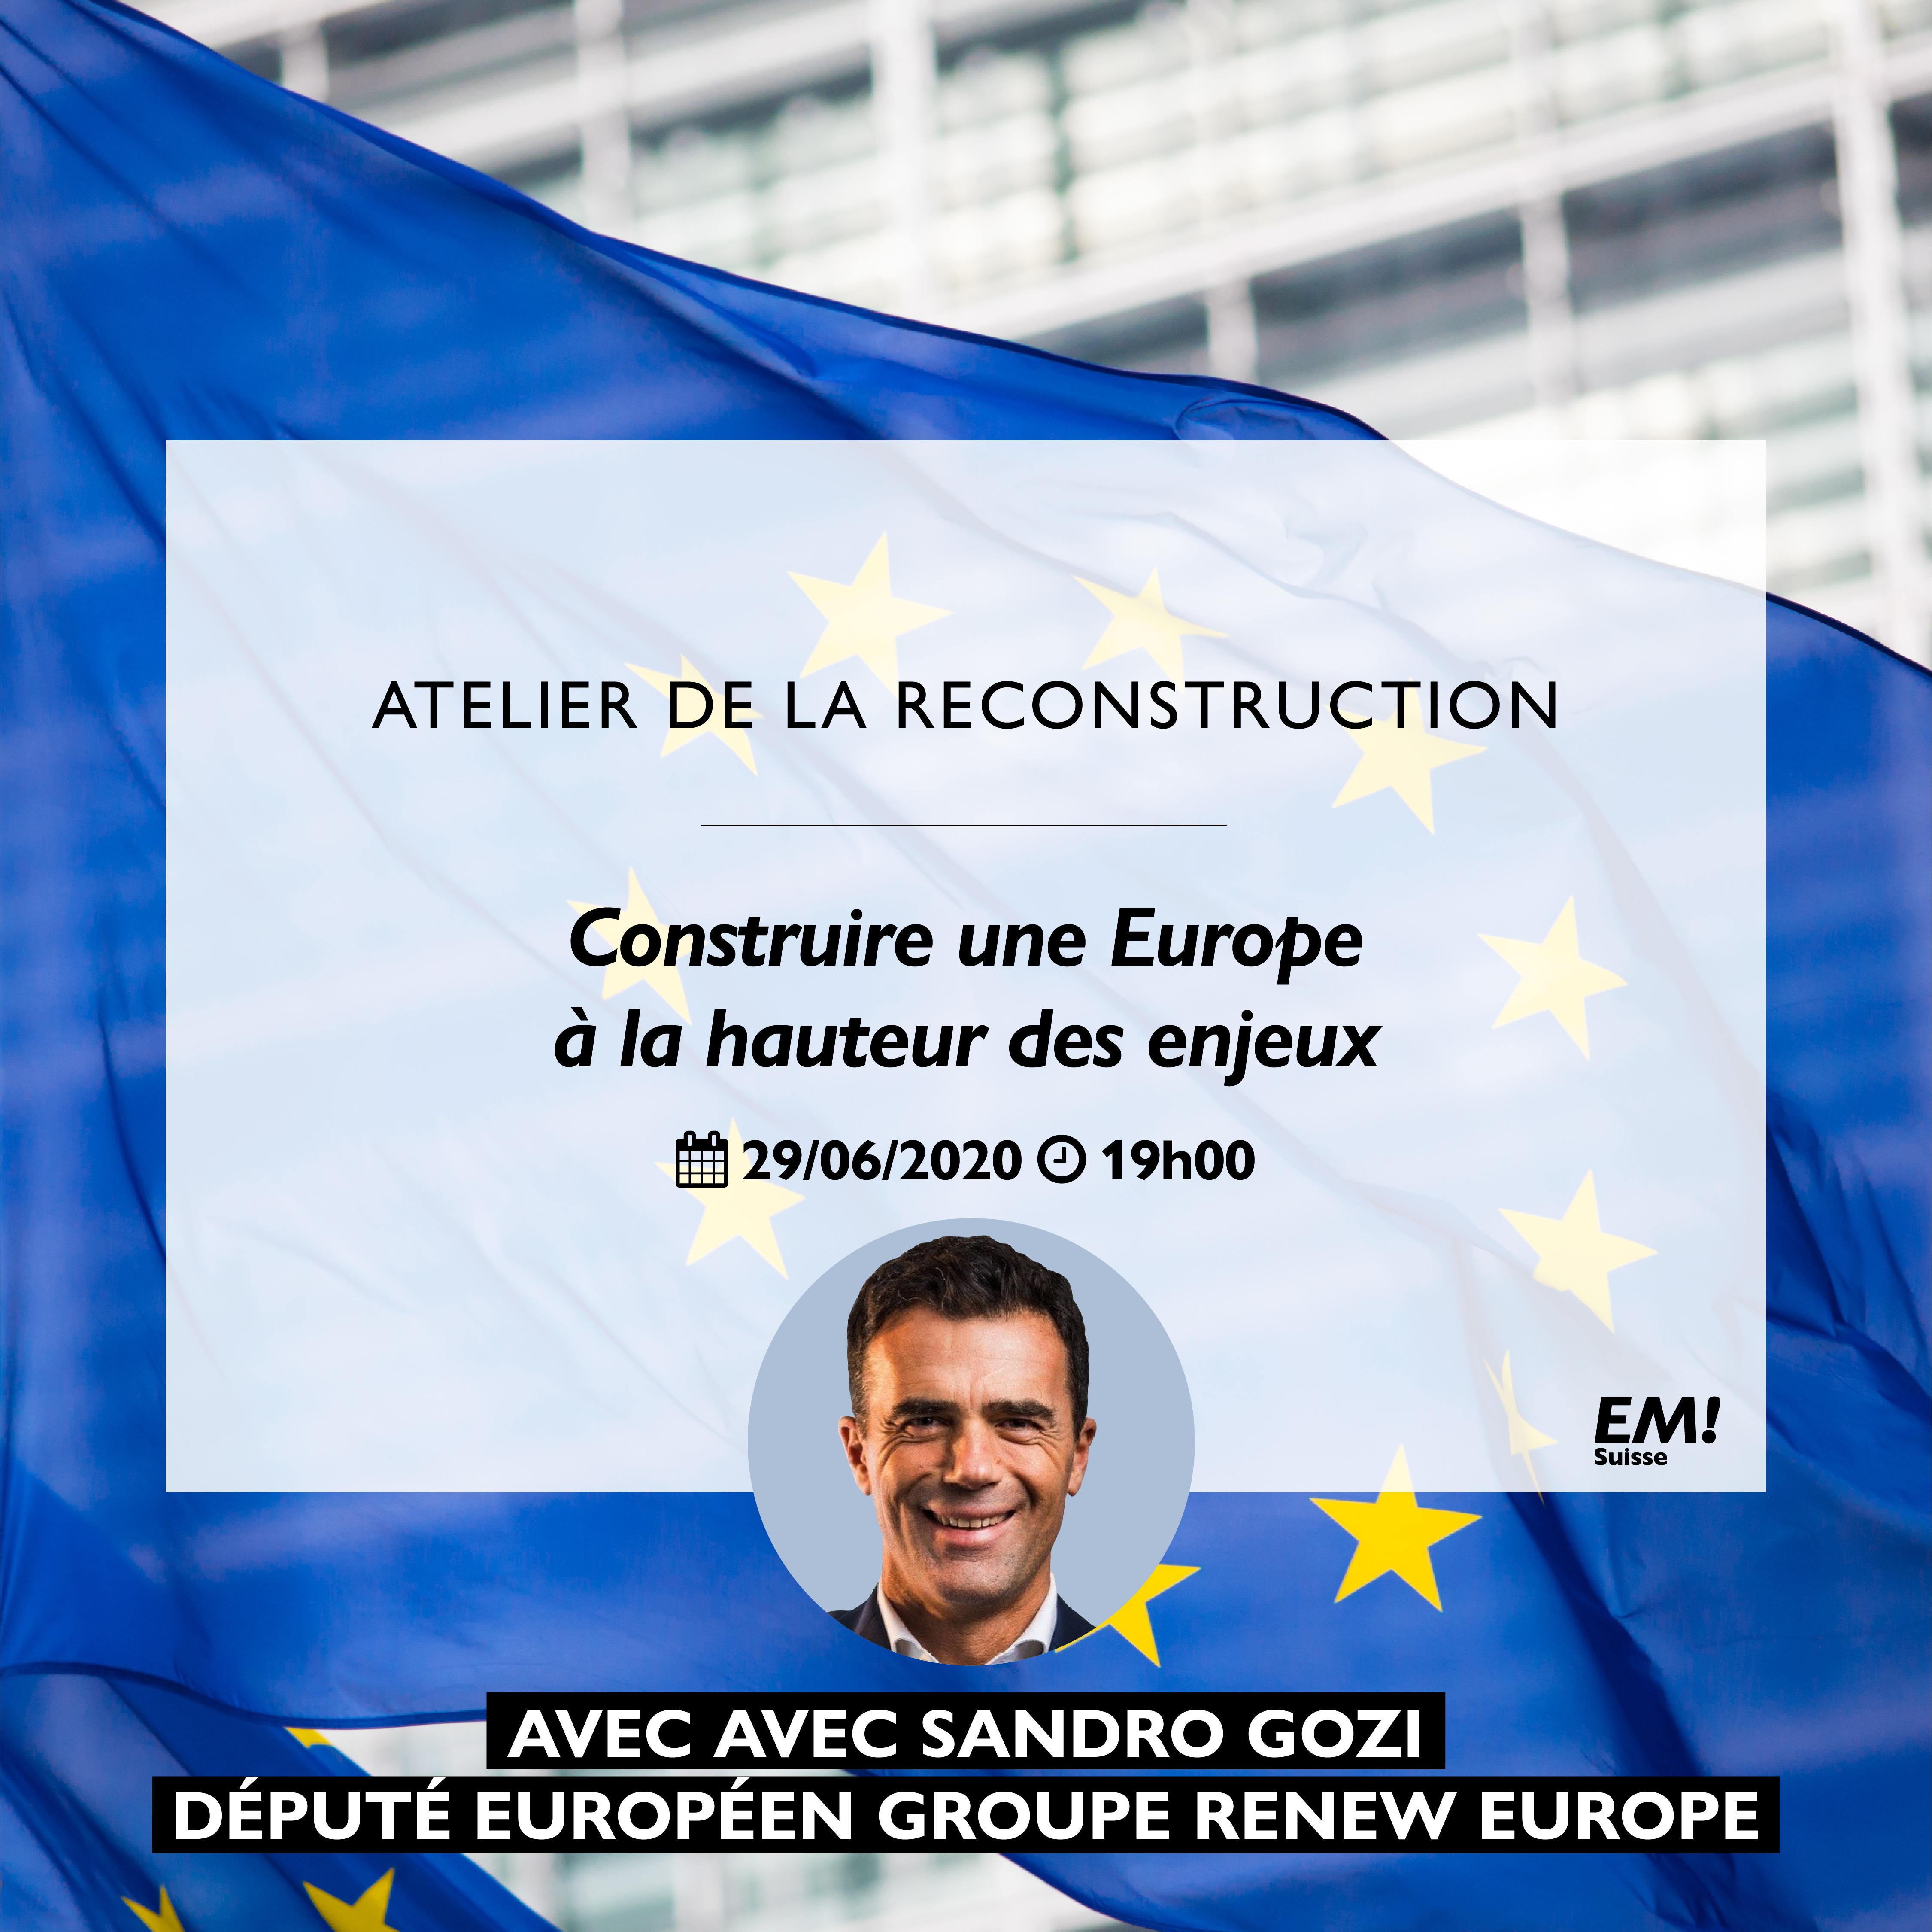 Thème 8 : Construire une Europe à la hauteur des enjeux